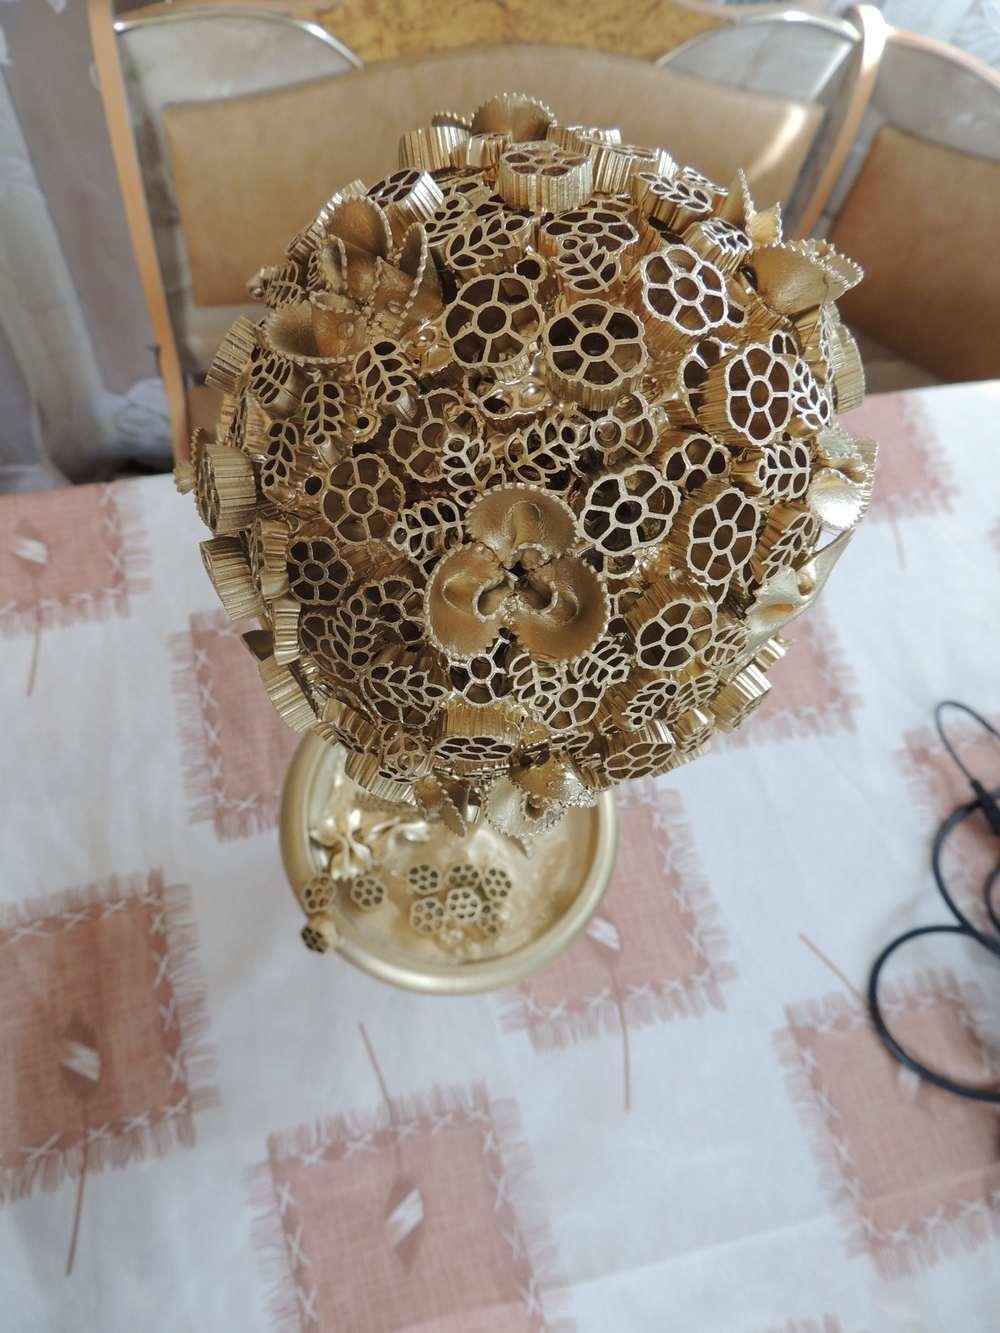 Использование макарон, как элемента для декорирования не является новшеством. Макаронами оформляются картины, шкатулки, плафоны, вазоны и многие другие элементы интерьера